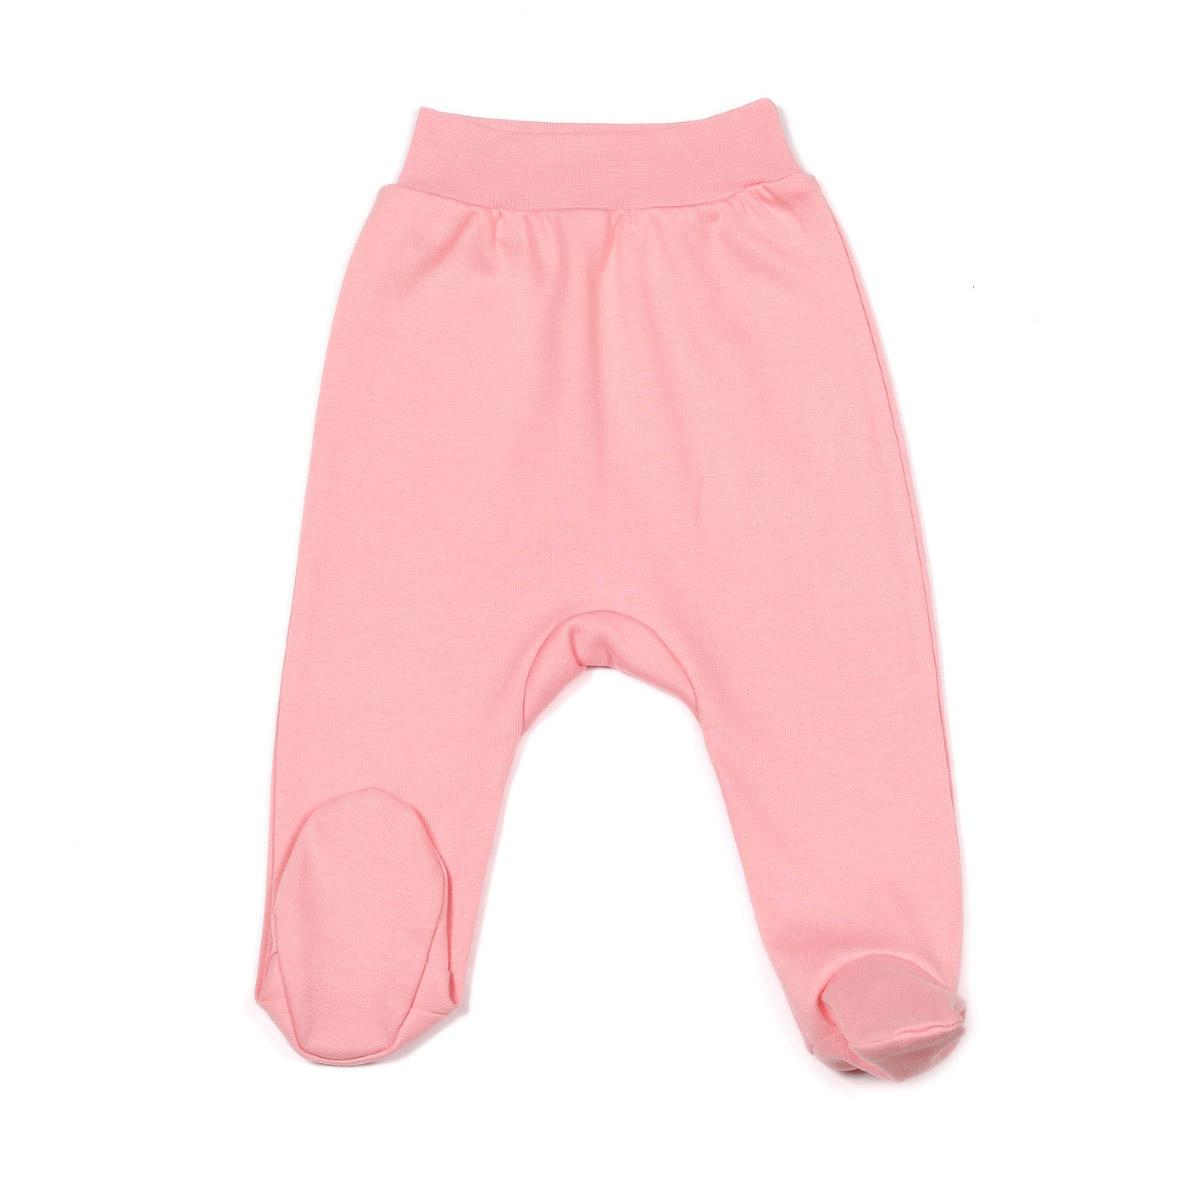 Ползунки с ножками Ёмаё Венеция (26-247) рост 74 розовый<br>